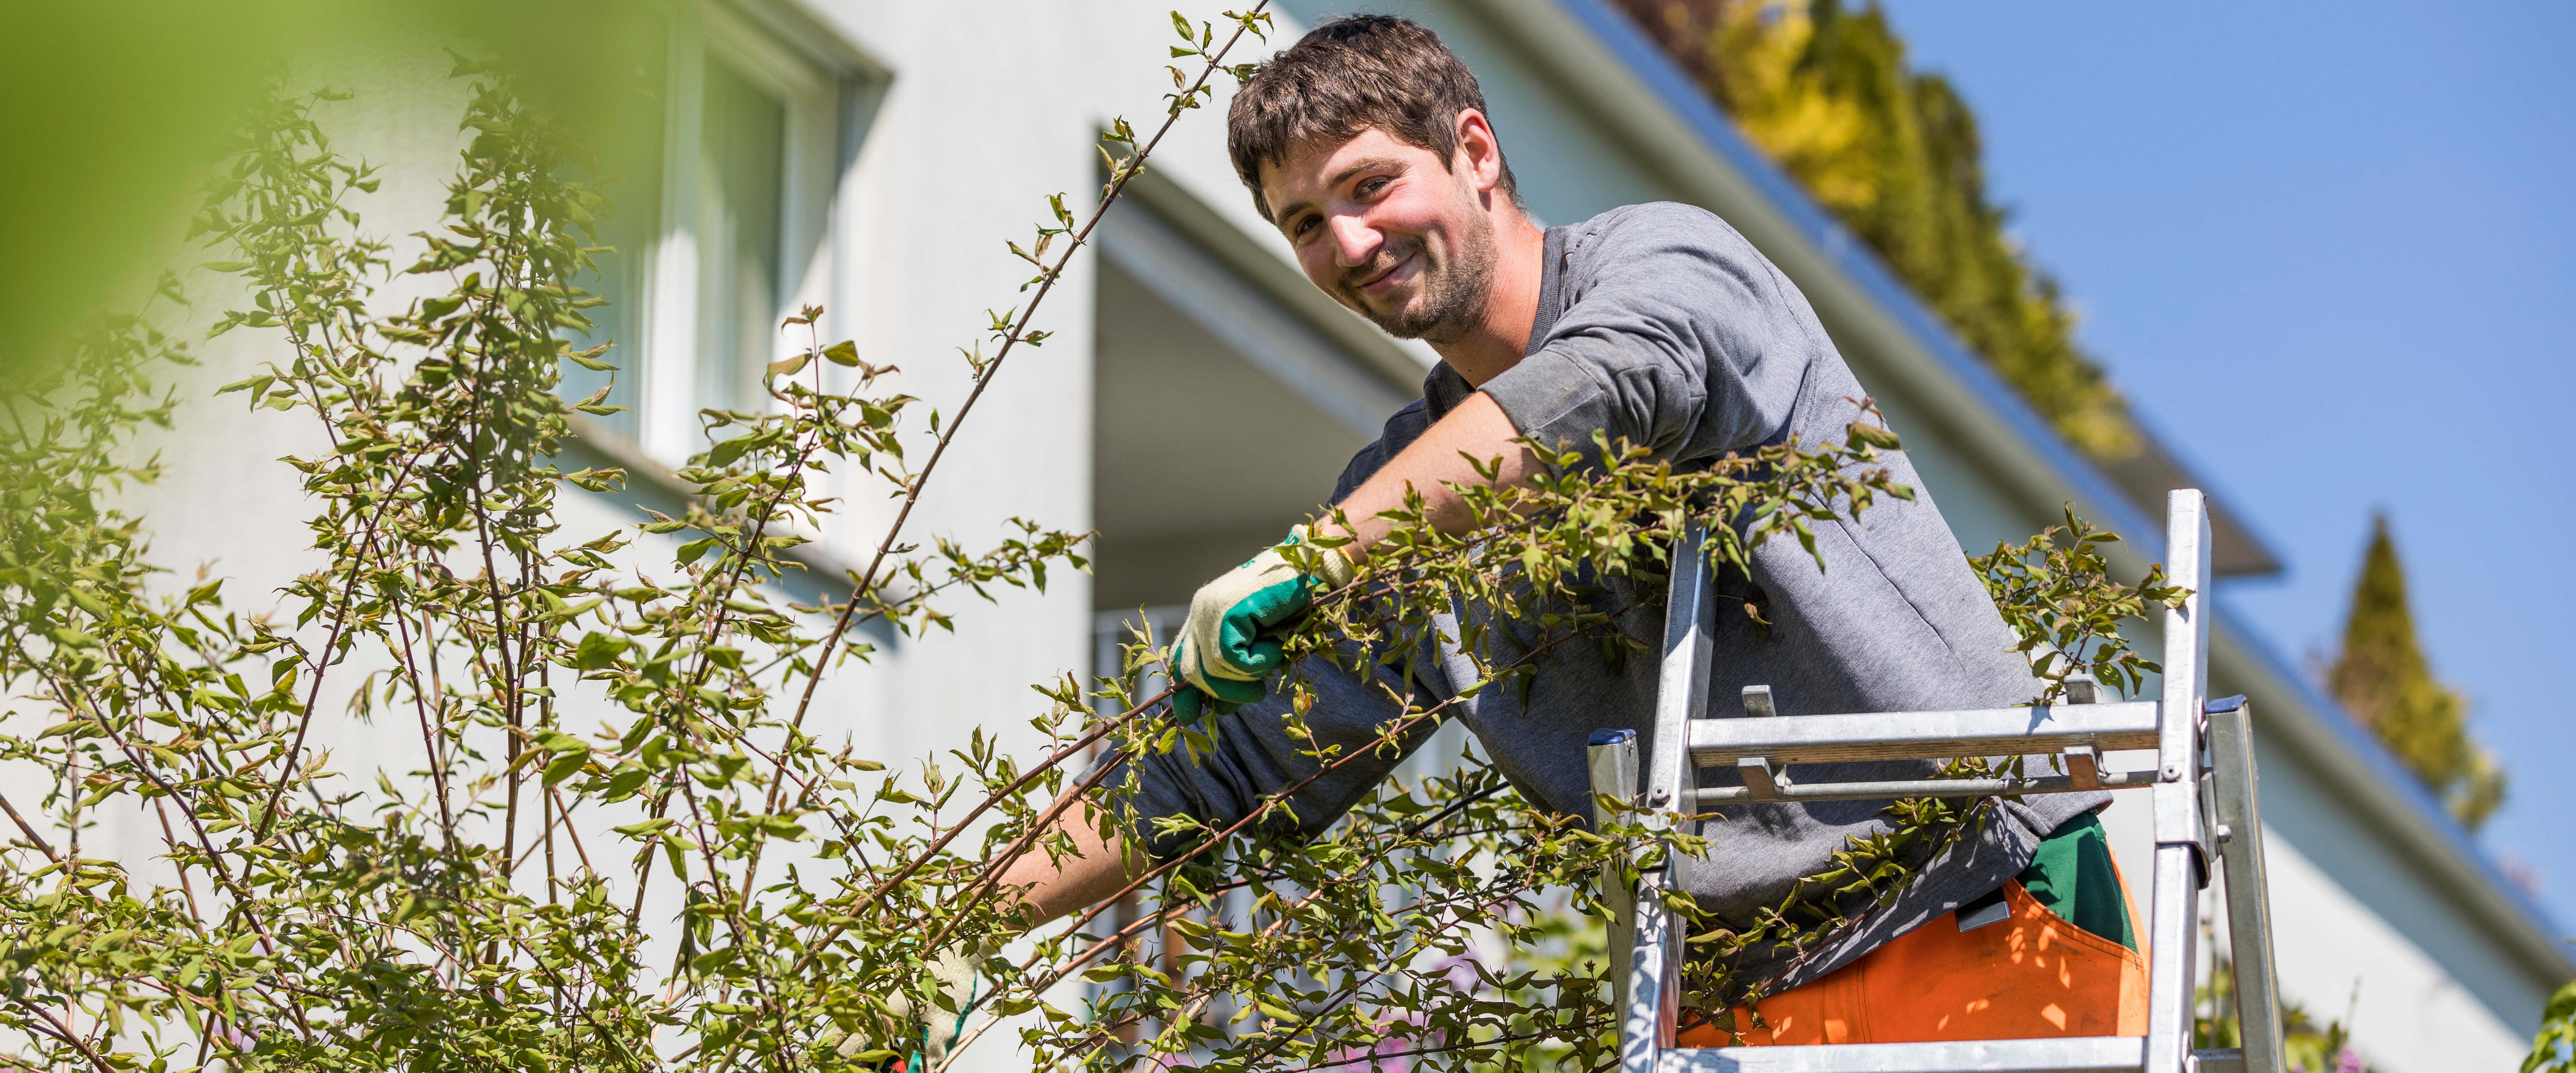 Sträucher- und Baumpflege